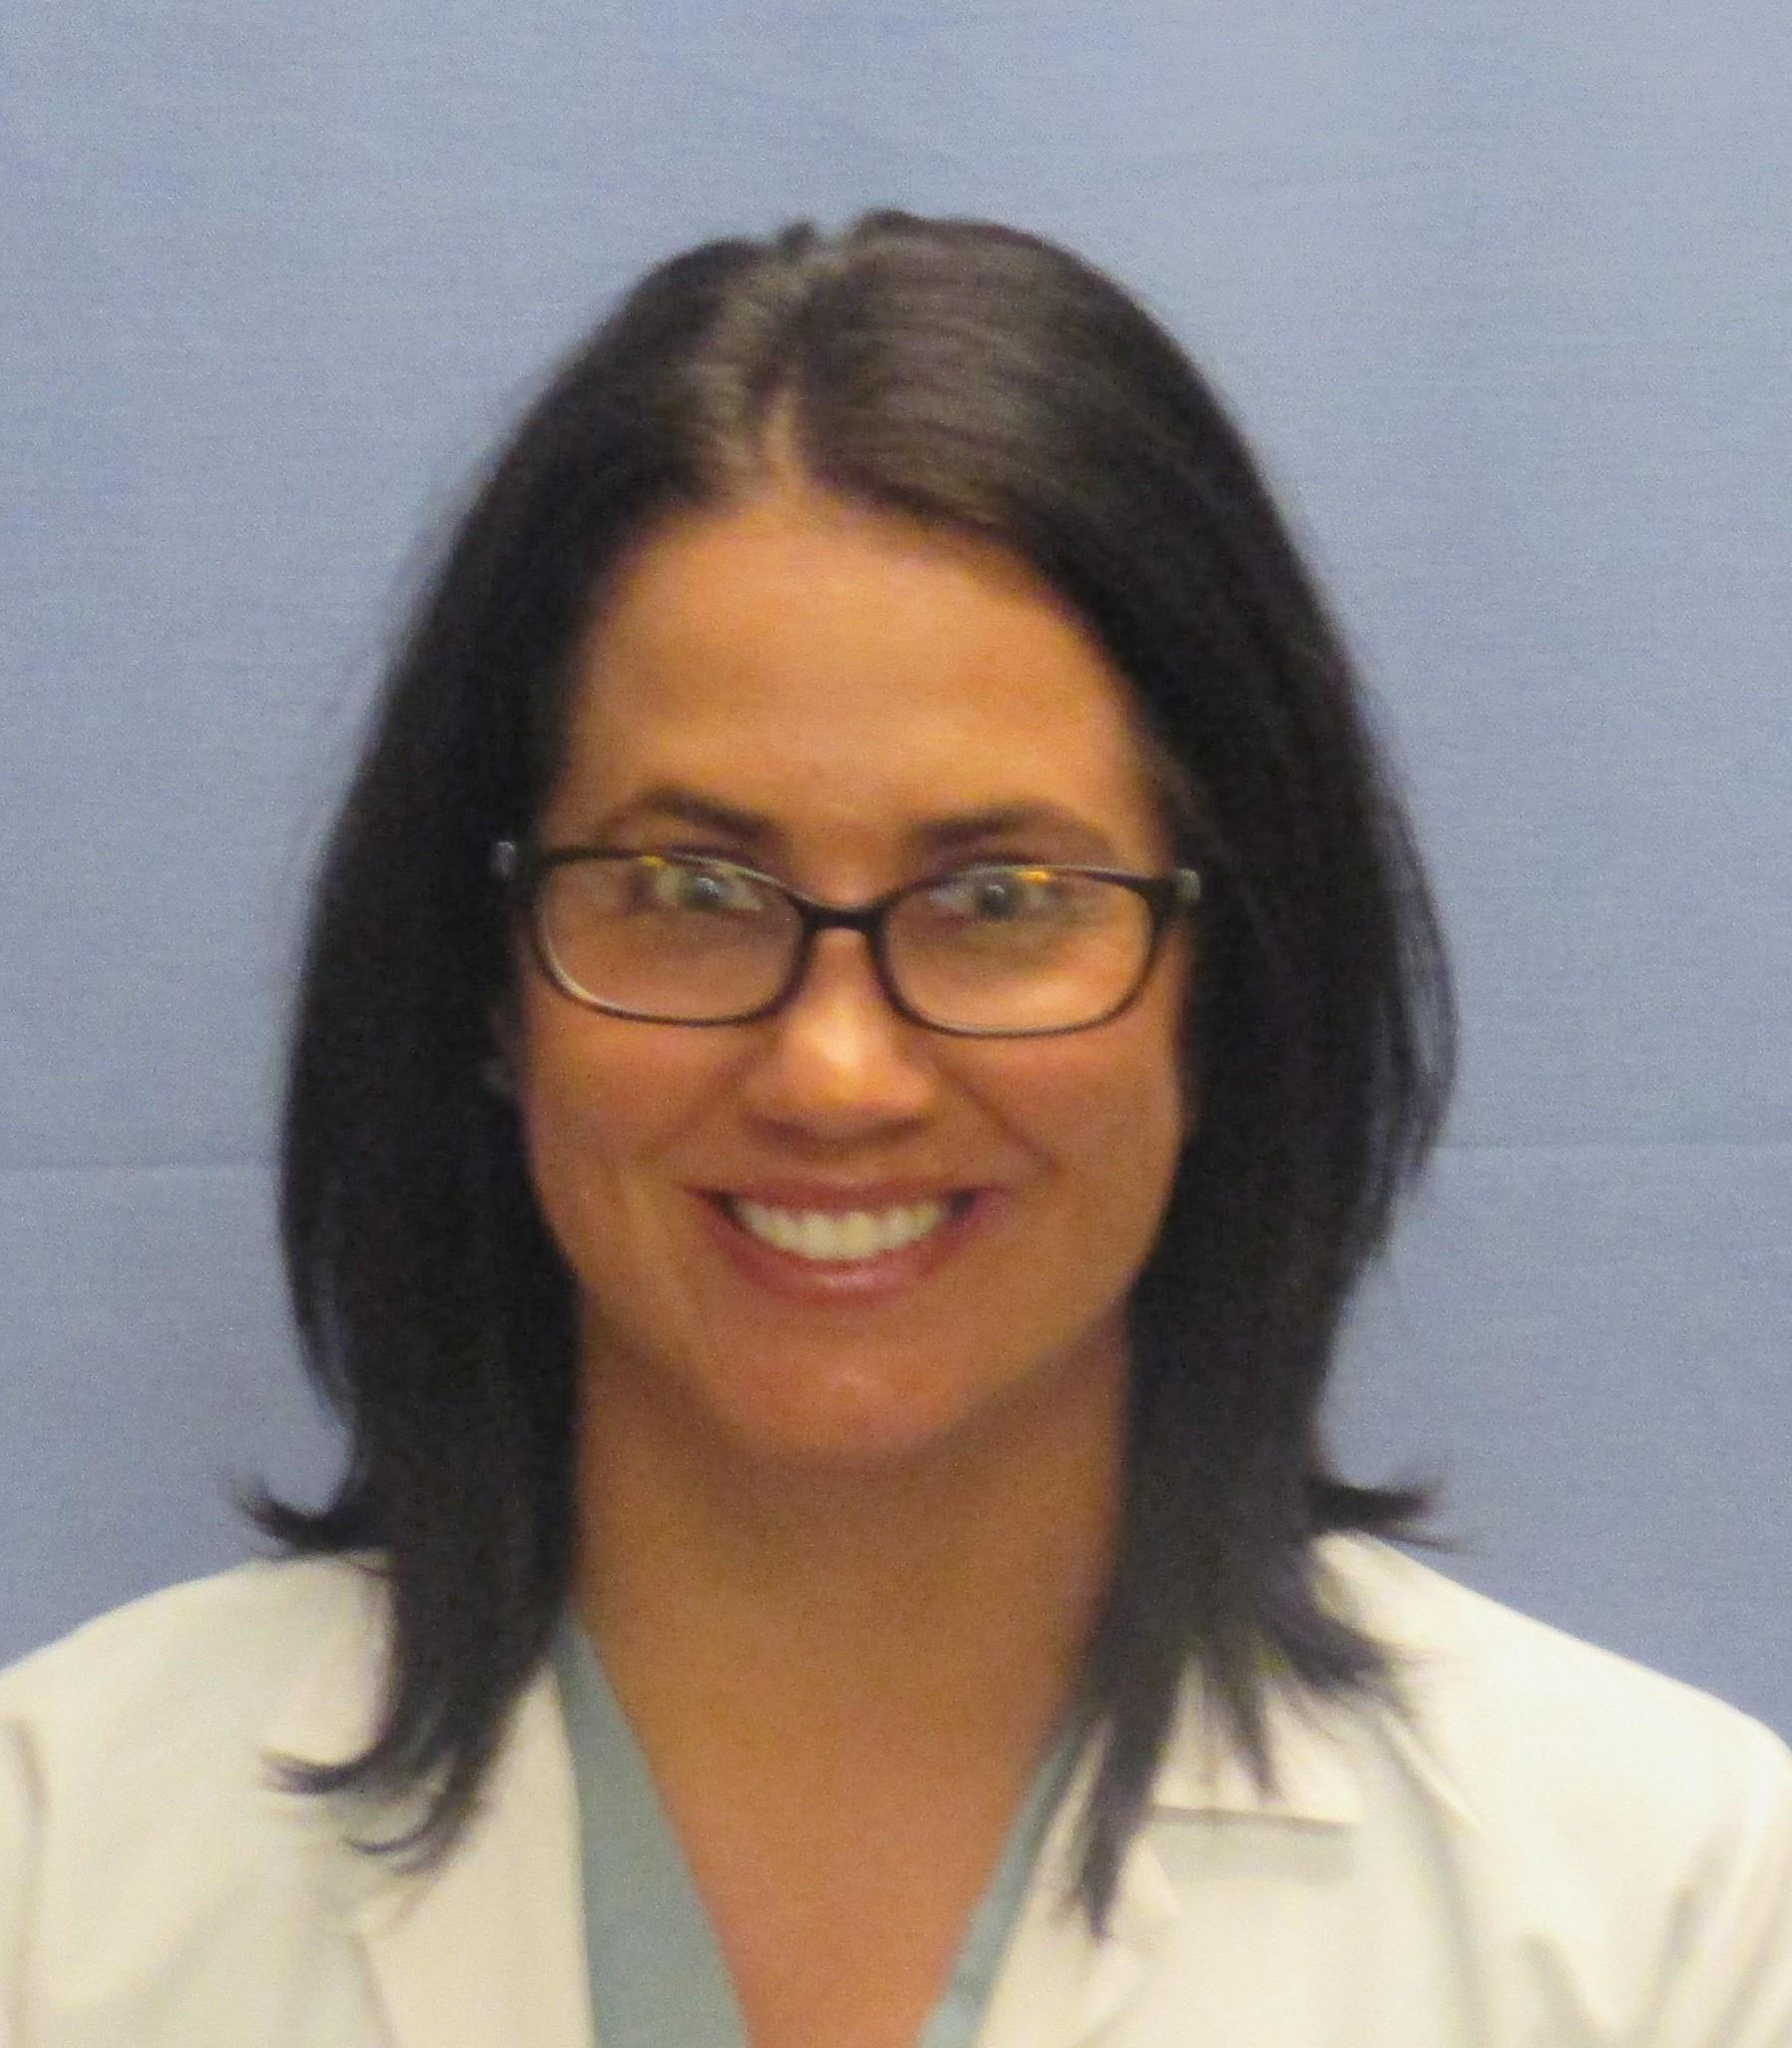 Megan Somerville, CNP - UH Cleveland Medical Center image 0